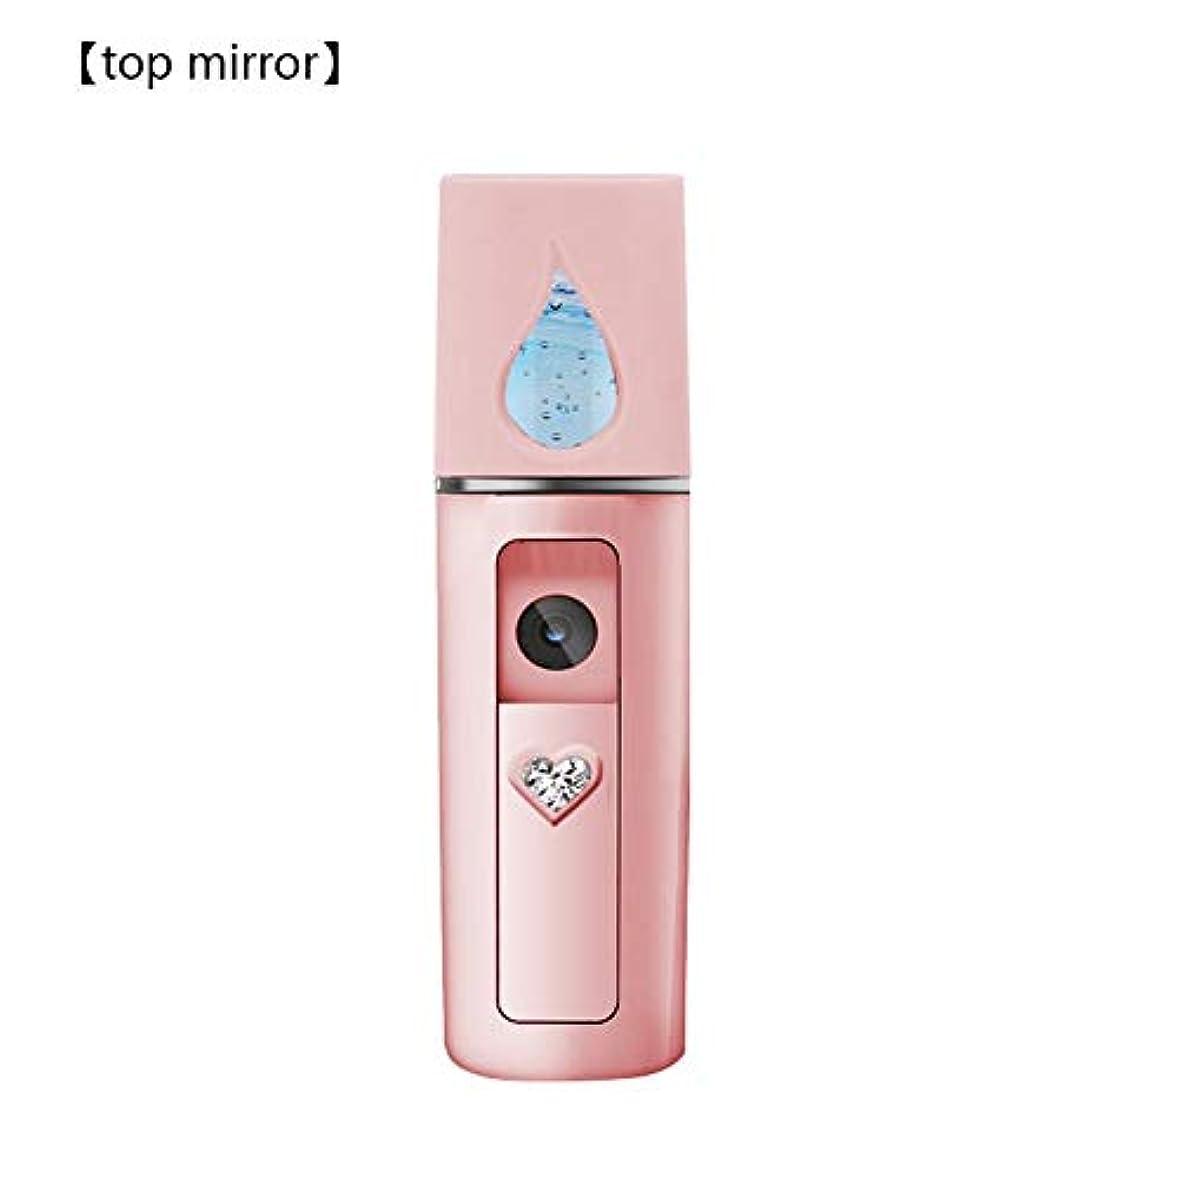 雪のフィットネス孤児冷たい保湿スプレー、美しいフェイシャルスプレーメイクアップミラー。 USB充電インターフェイスは、まつげエクステンション用の高度な保湿フェイシャルスチームです (Color : Pink-B)